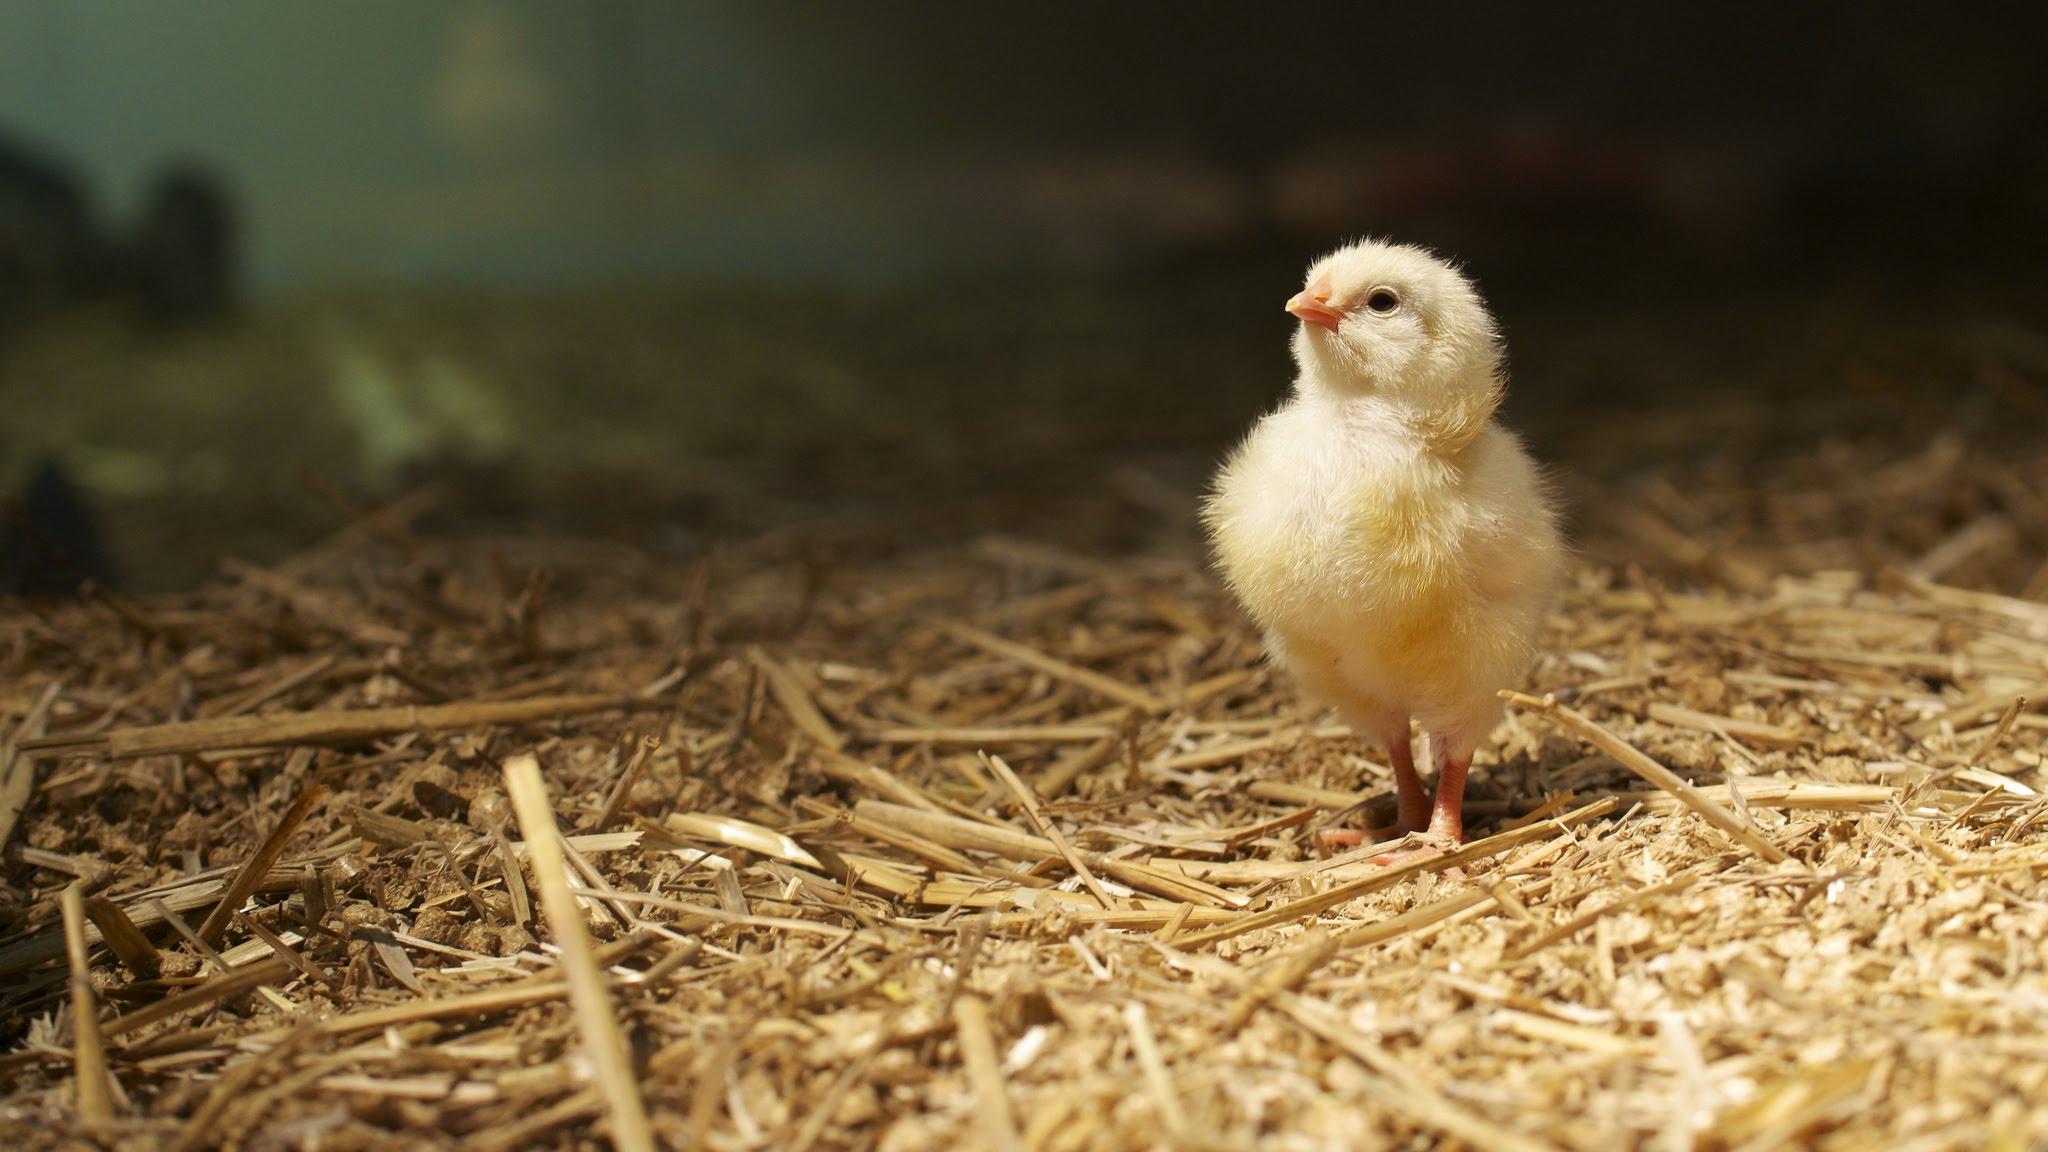 Видео про выращивание цыплёнка без скорлупы: реальность или подделка? - 1